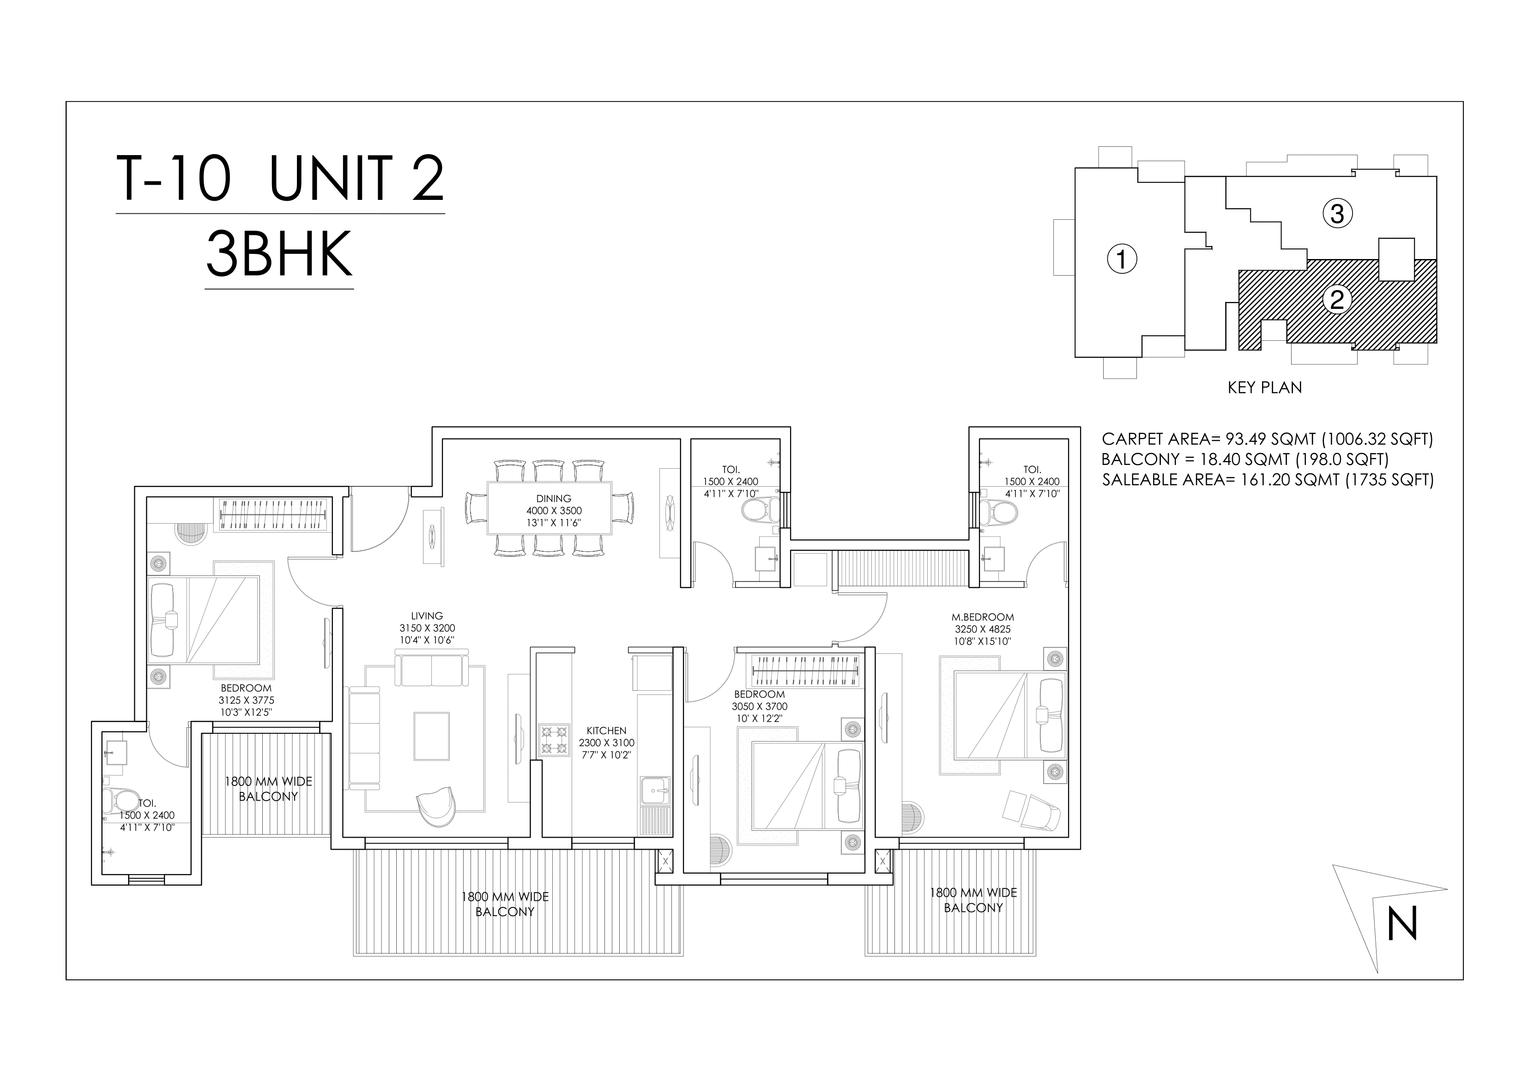 T10-UNIT-2-1.png